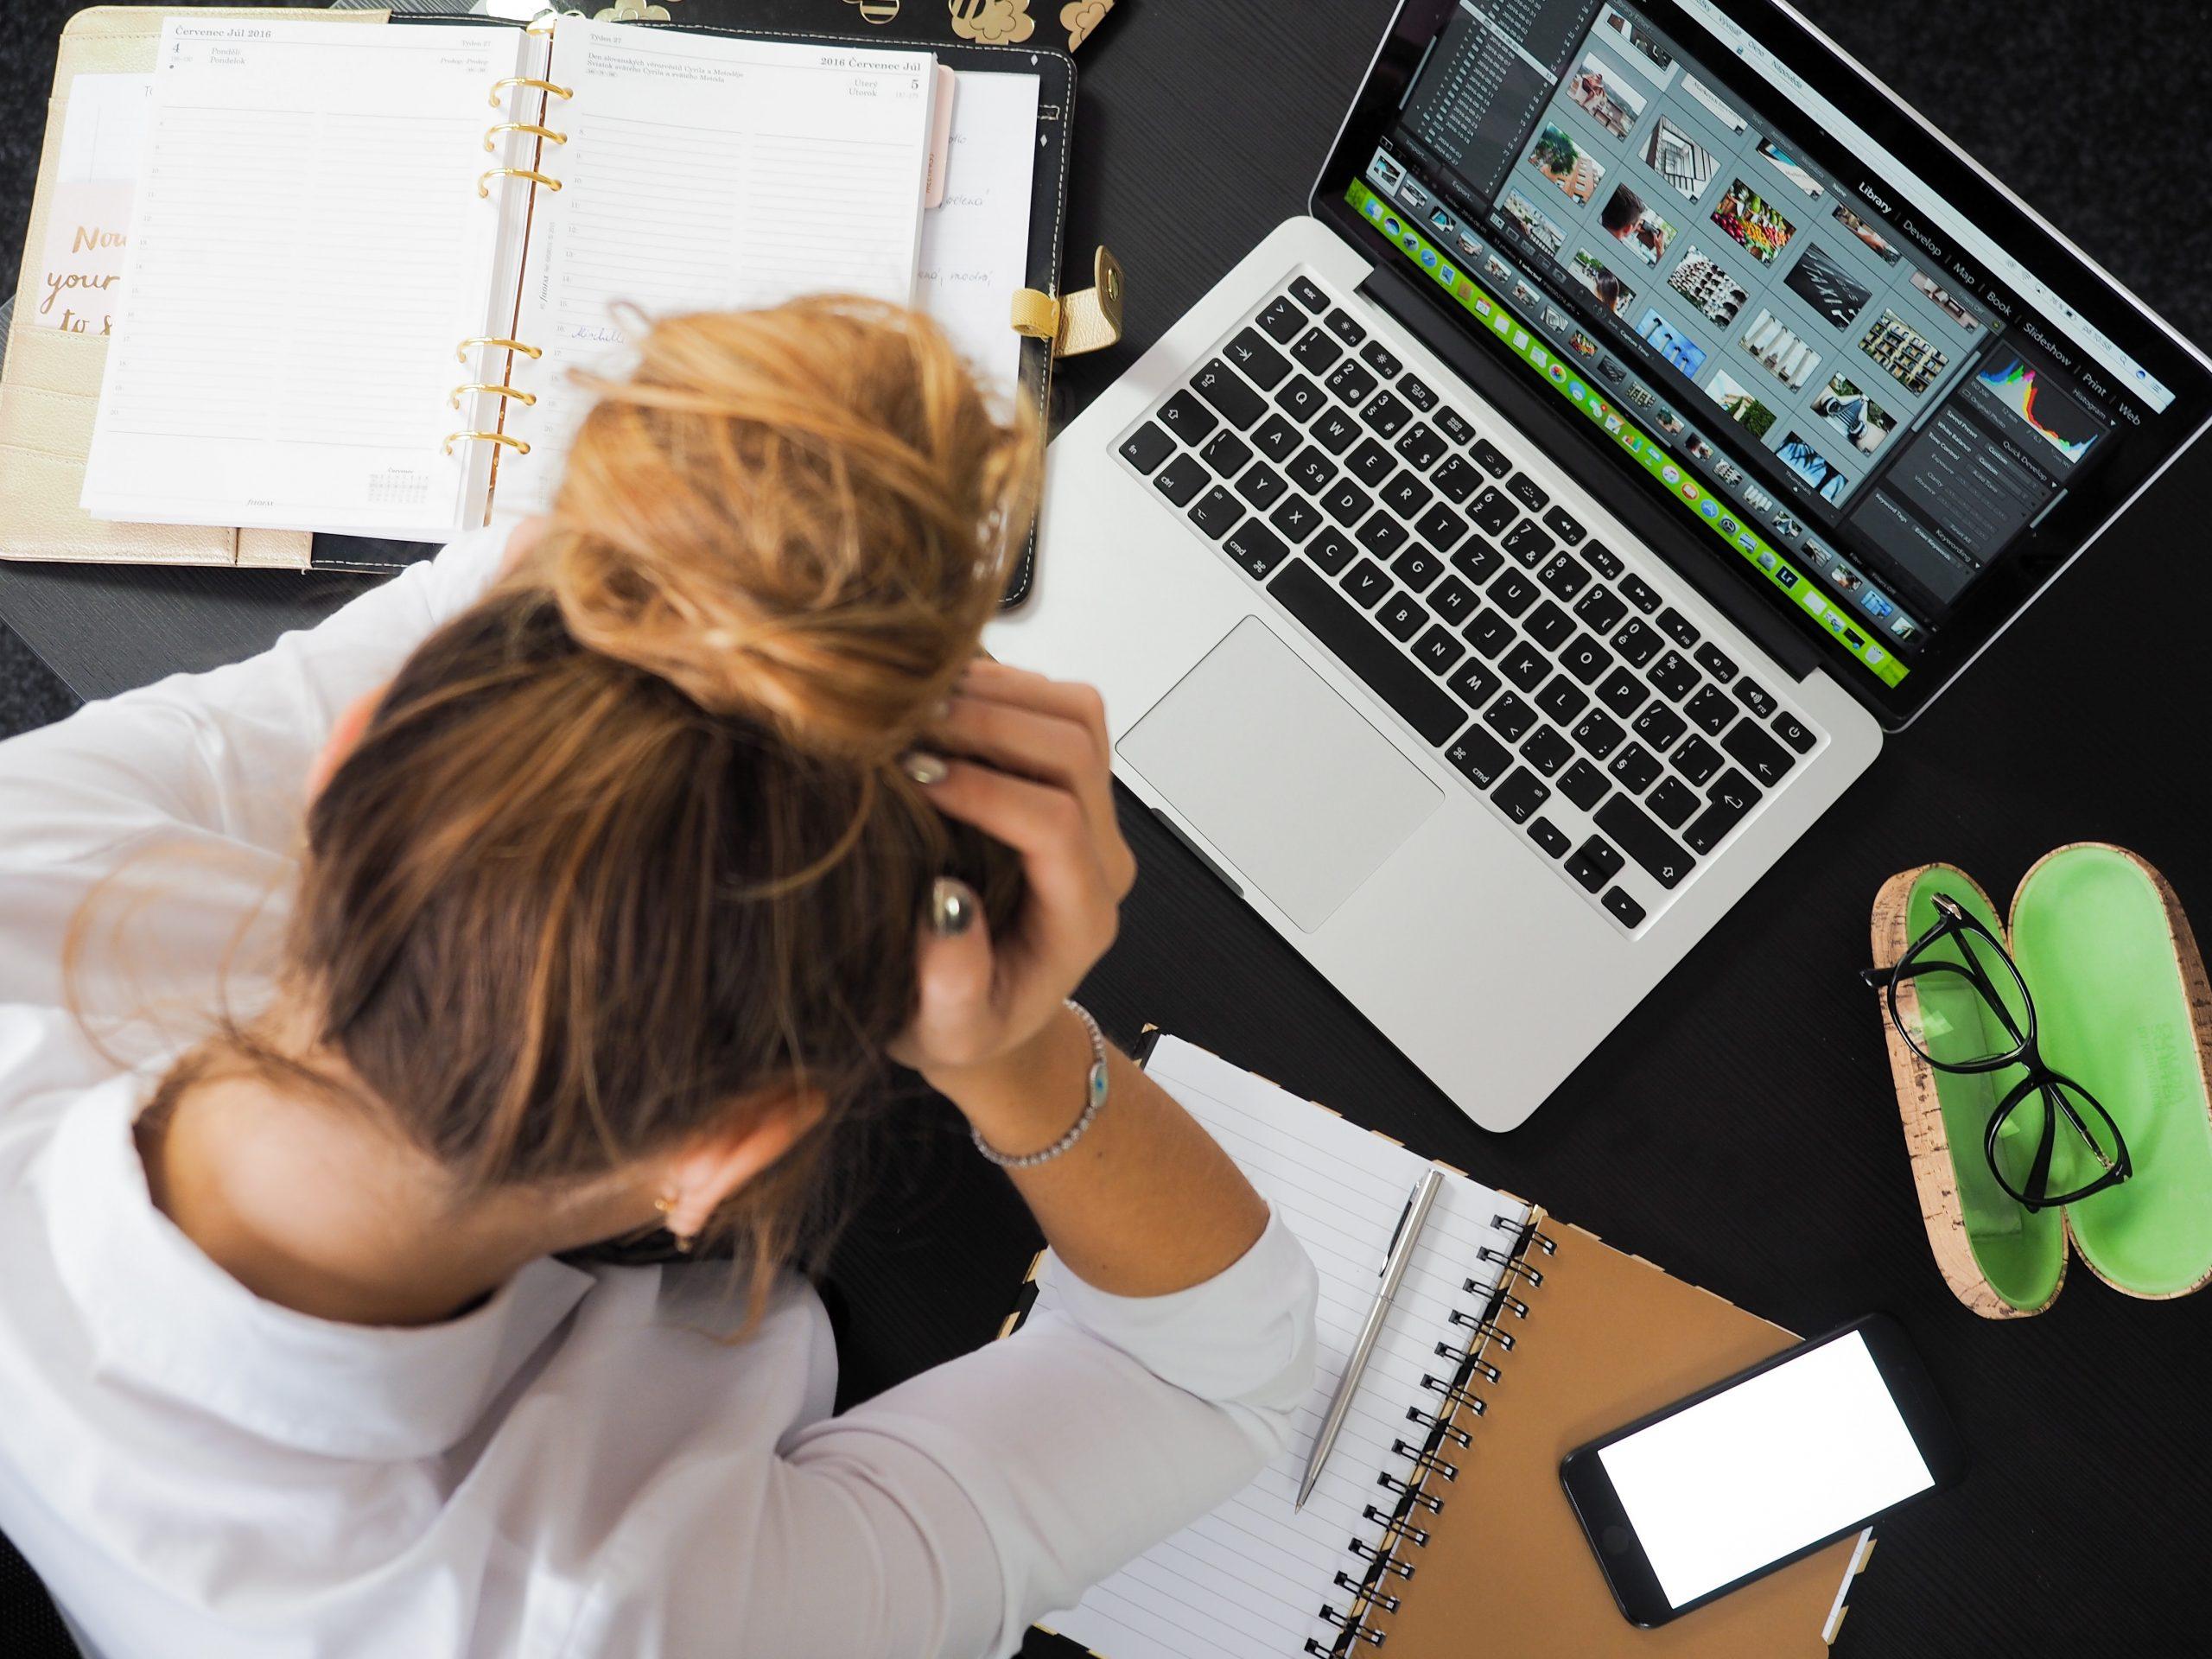 Stress: It's an Epidemic!